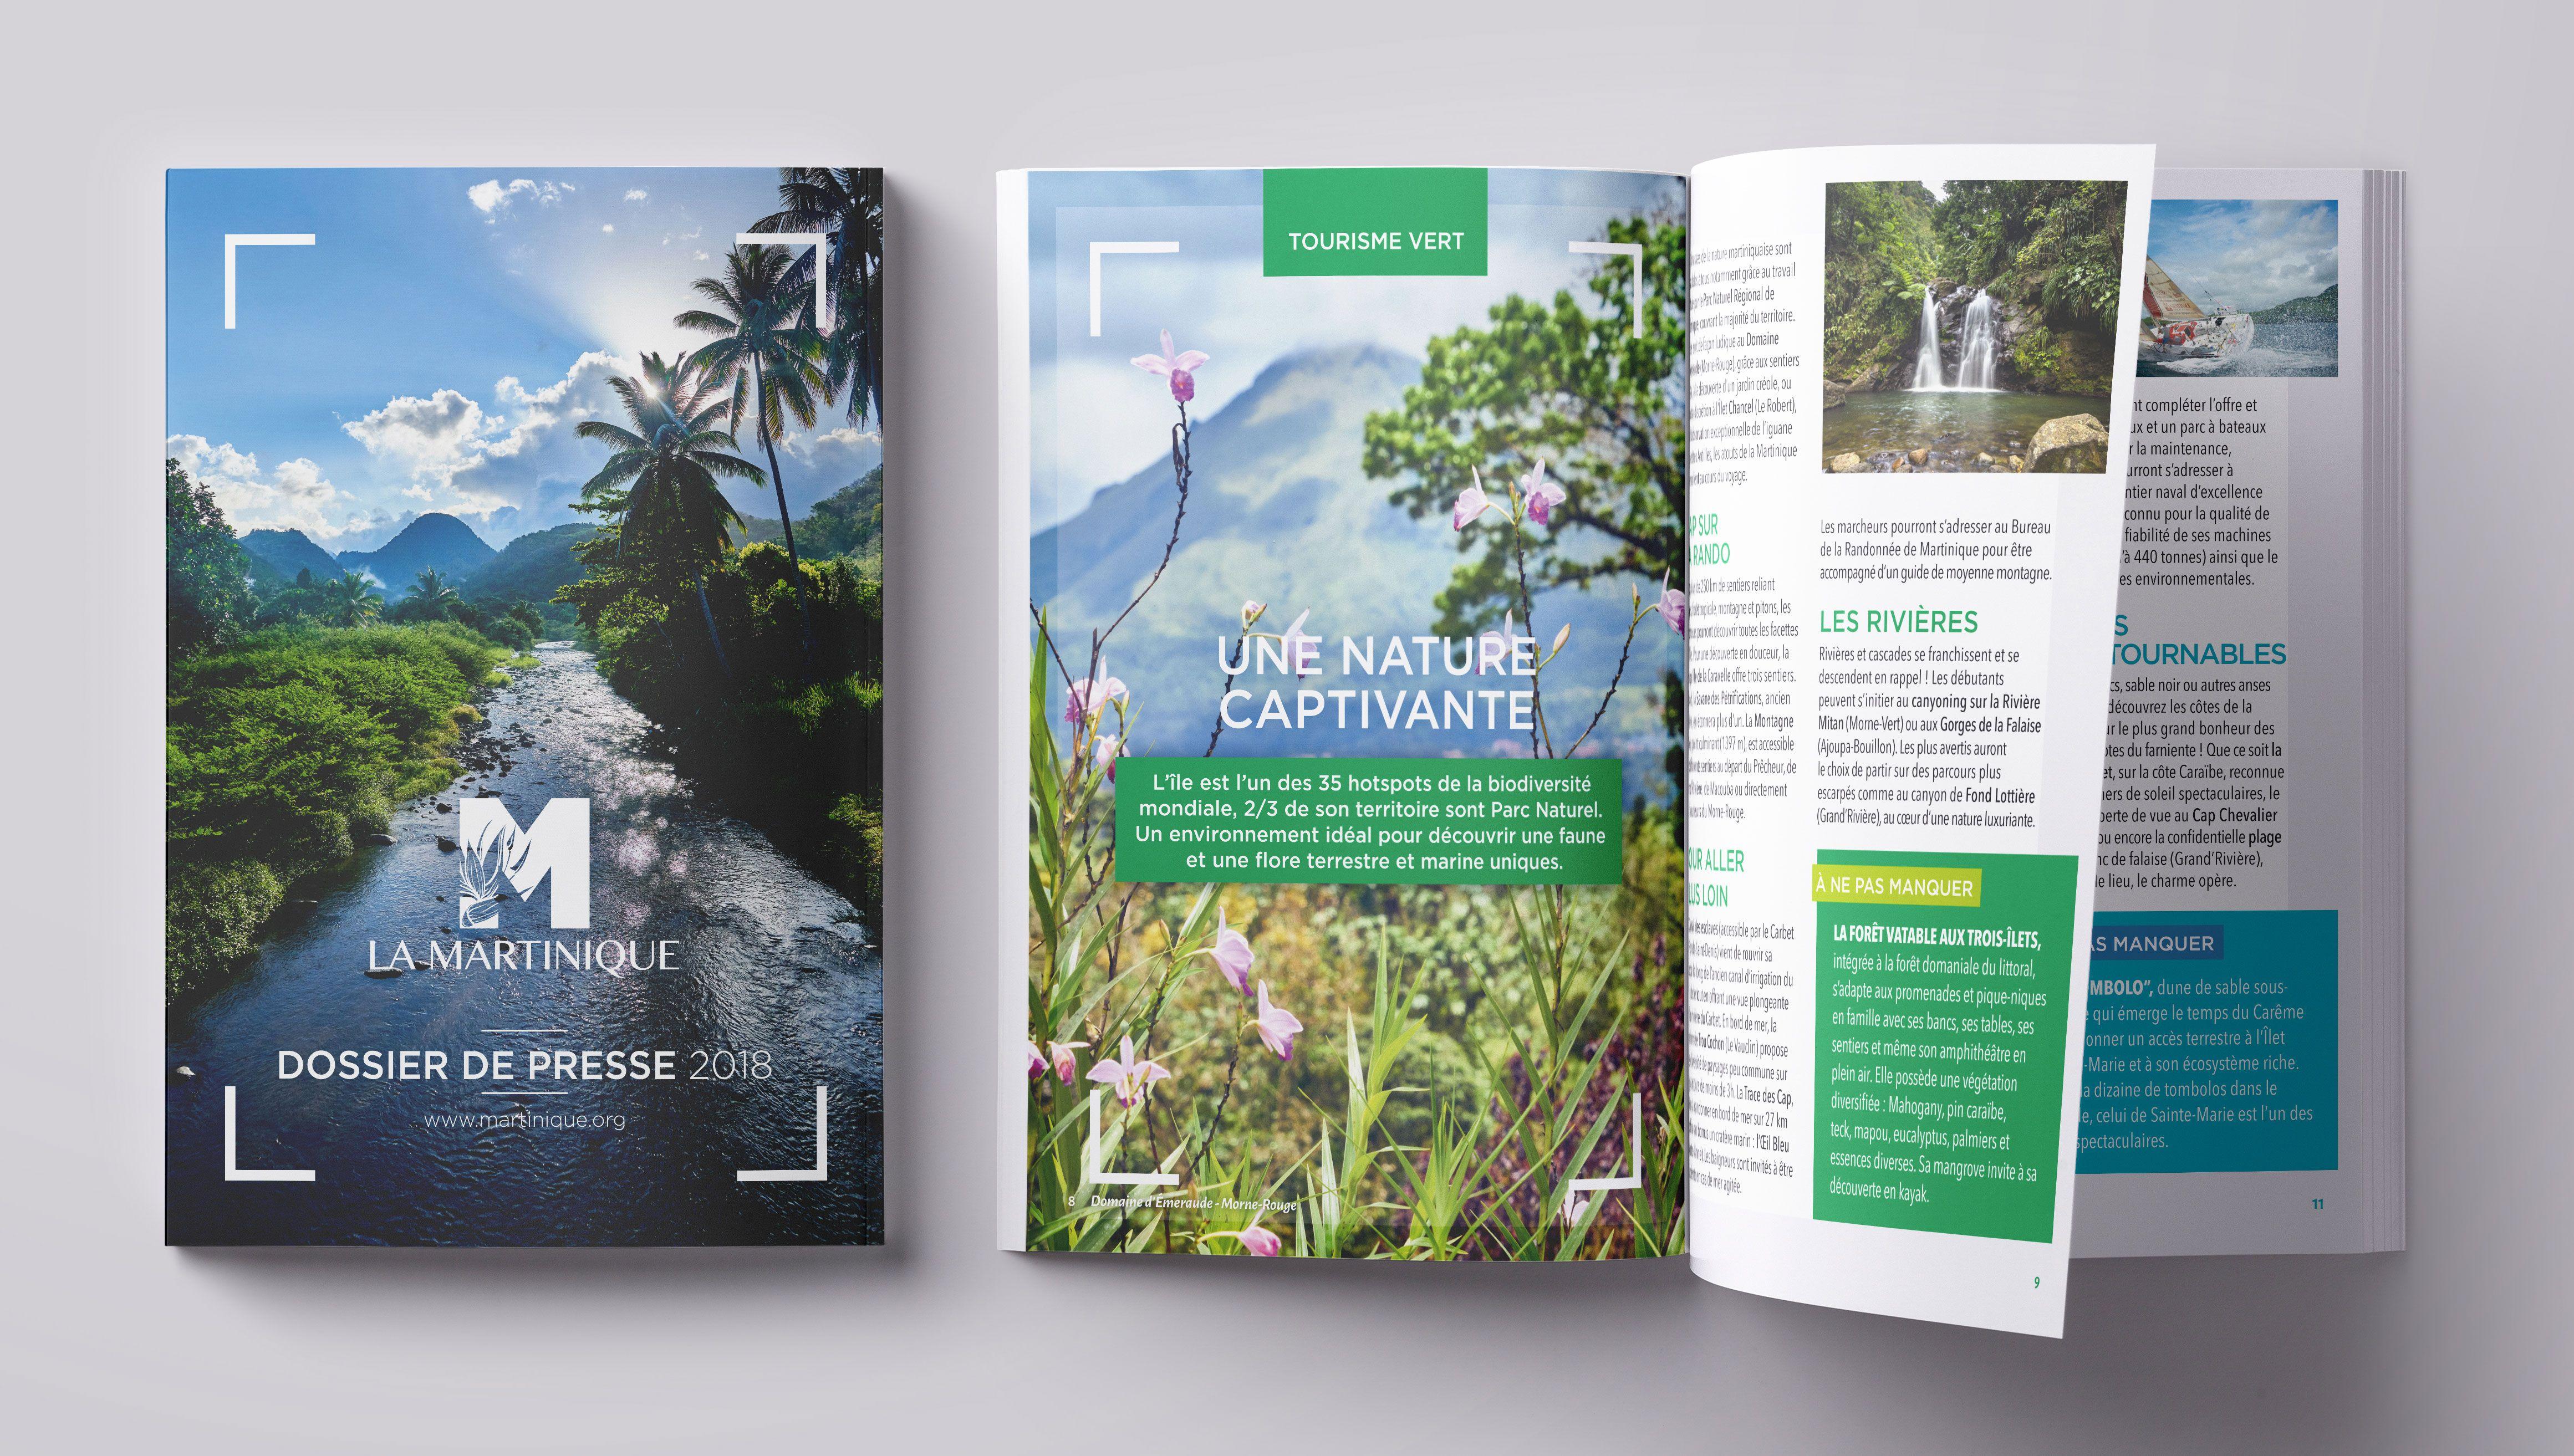 Dossier De Presse Martinique 2018 Avec Images Dossier De